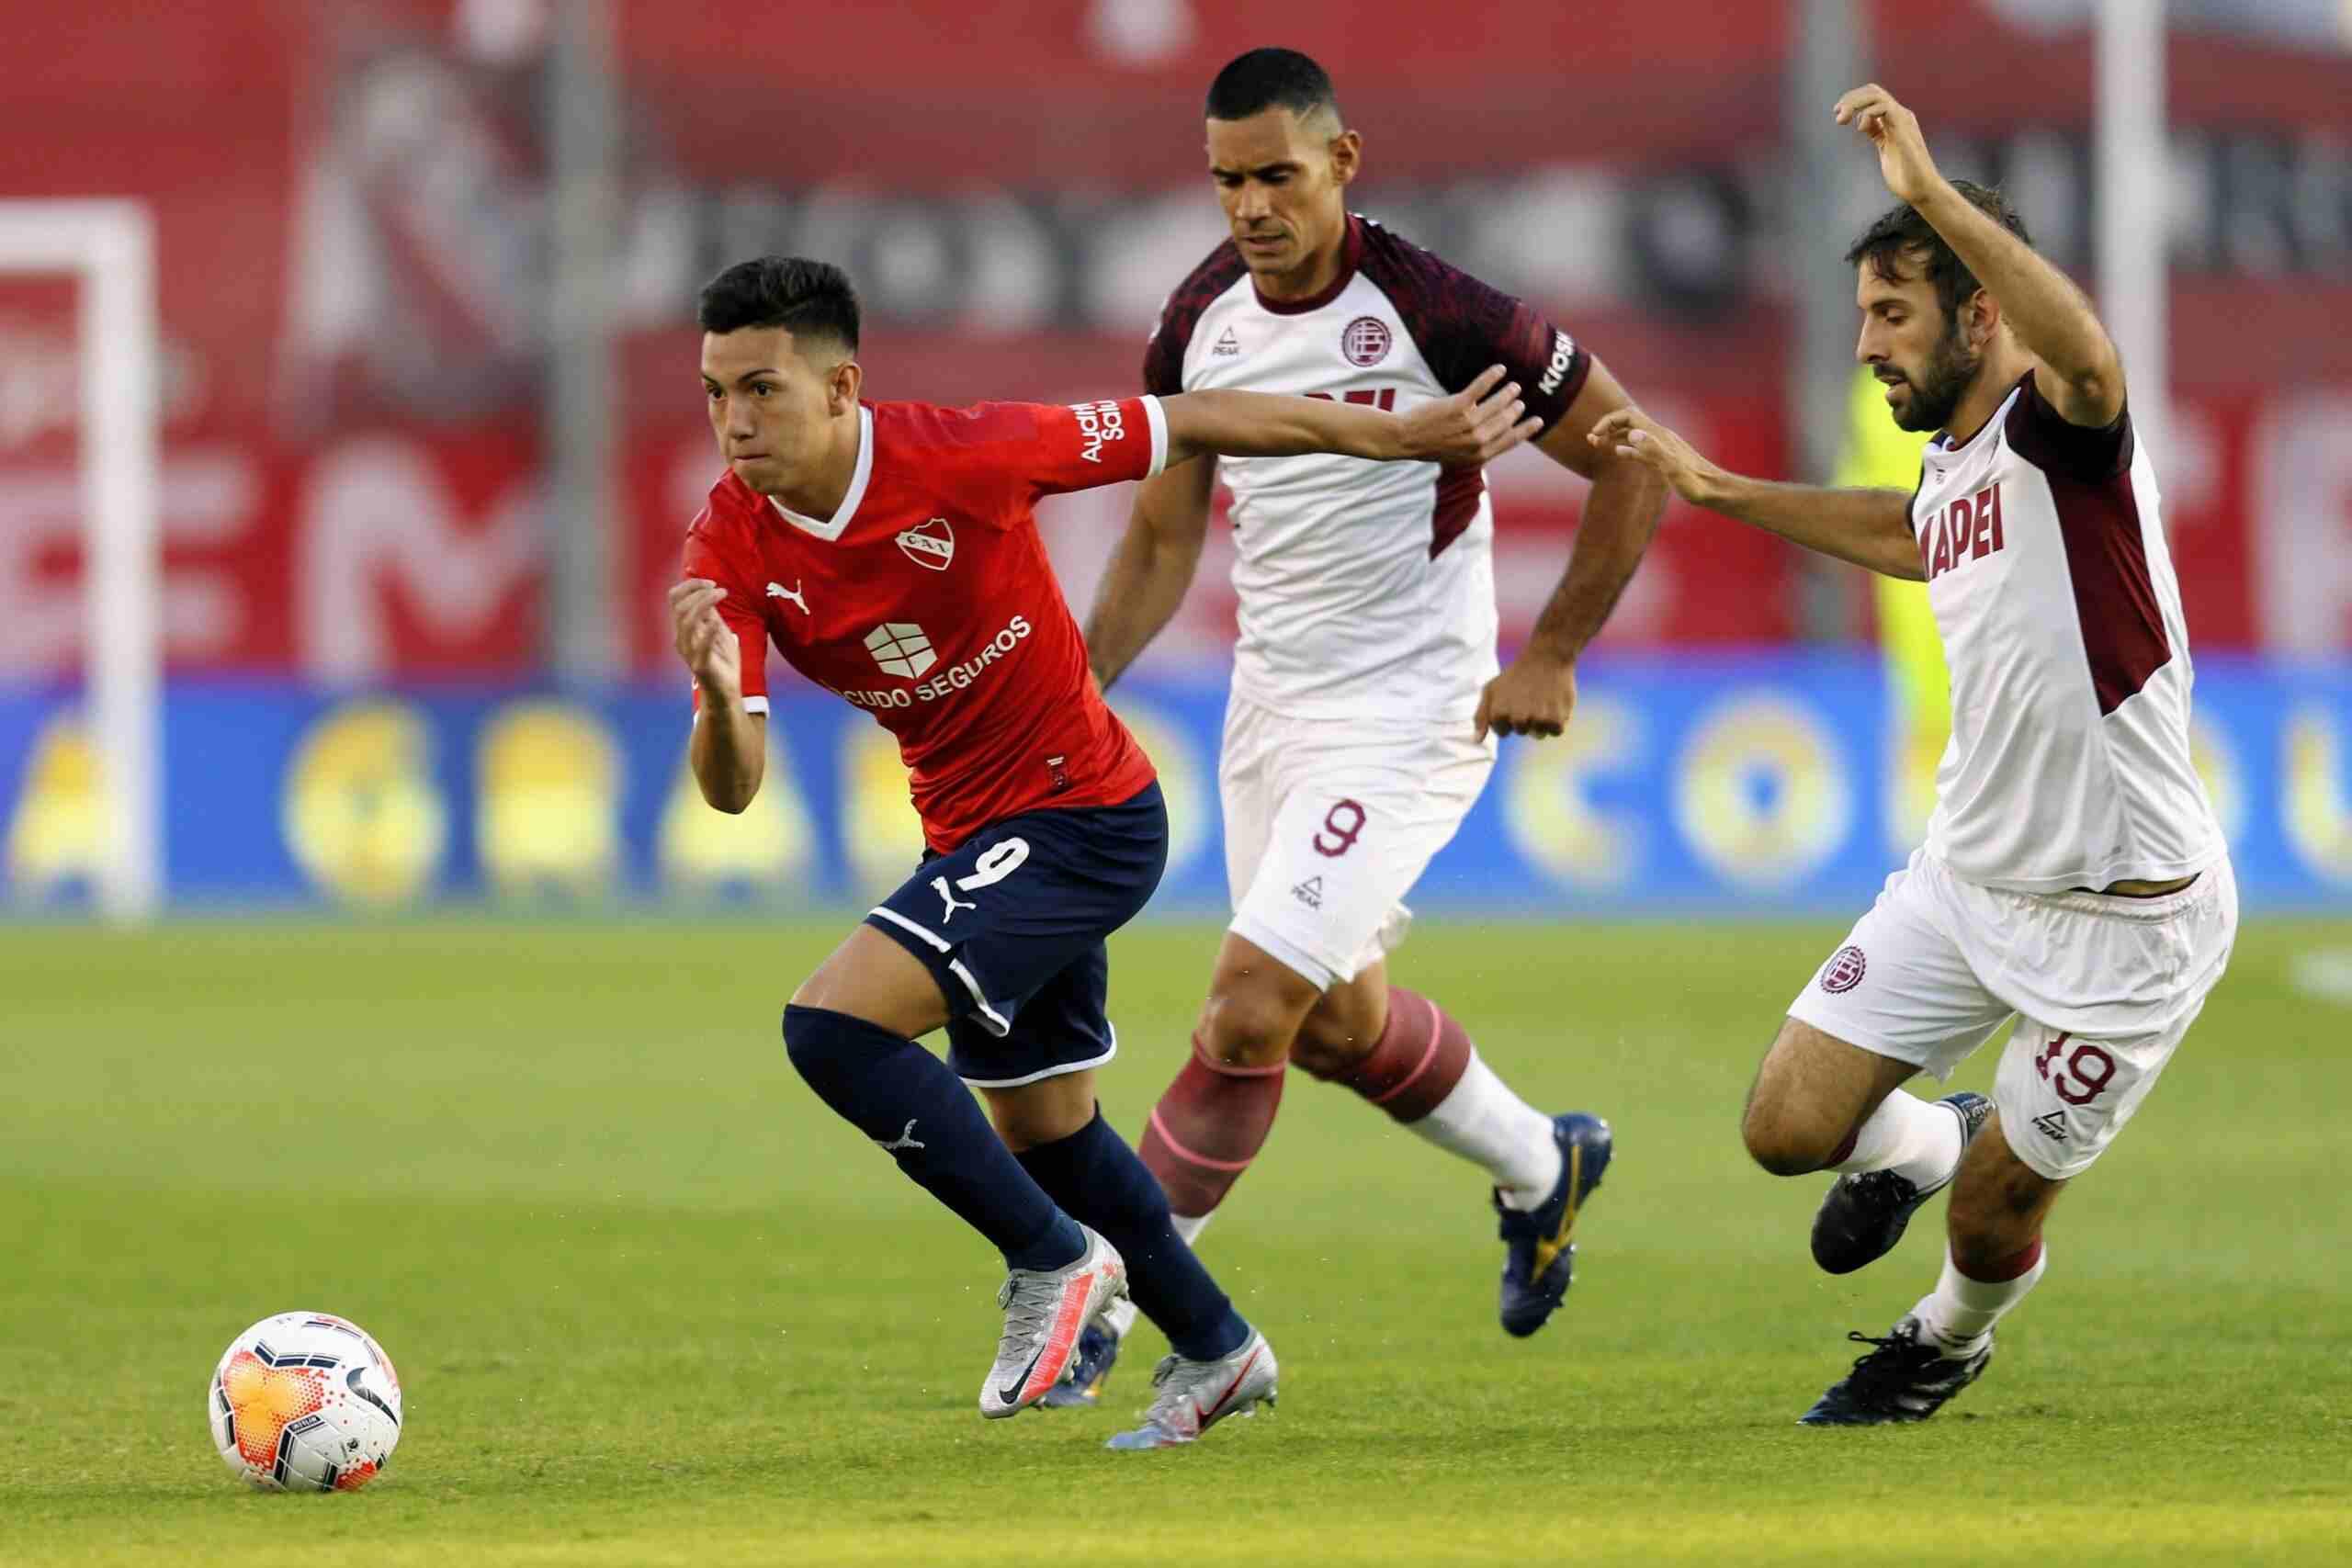 Independiente nunca le encontró la vuelta al partido.